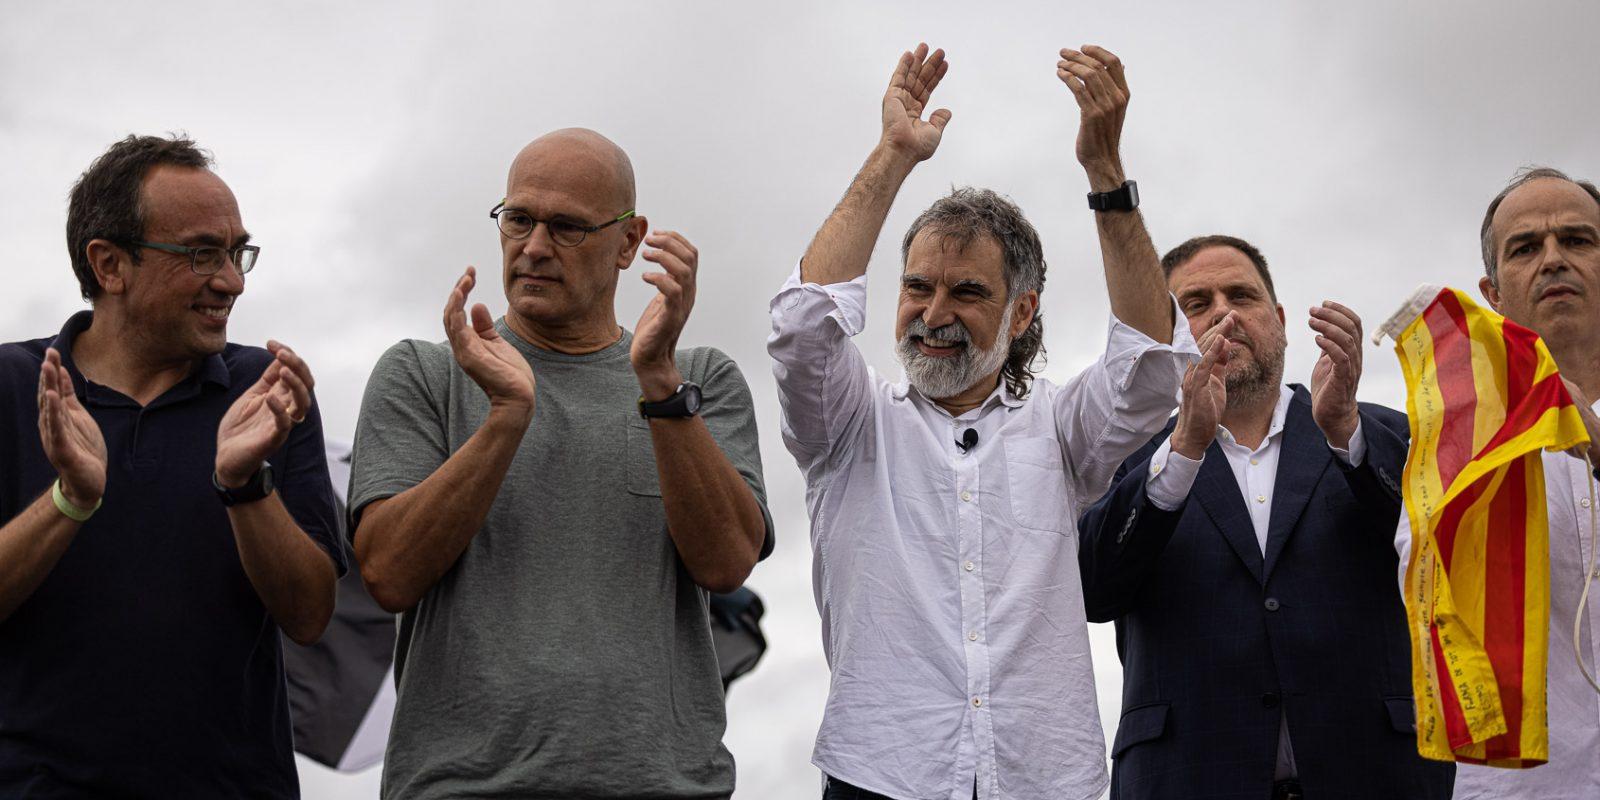 Josep Rull, Raül Romeva, Jordi Cuixart, Oriol Junqueras i Jordi Turull, el dia de l'alliberament dels presos polítics de l'1-O per l'indult, a la sortida de Lledoners / Jordi Borràs